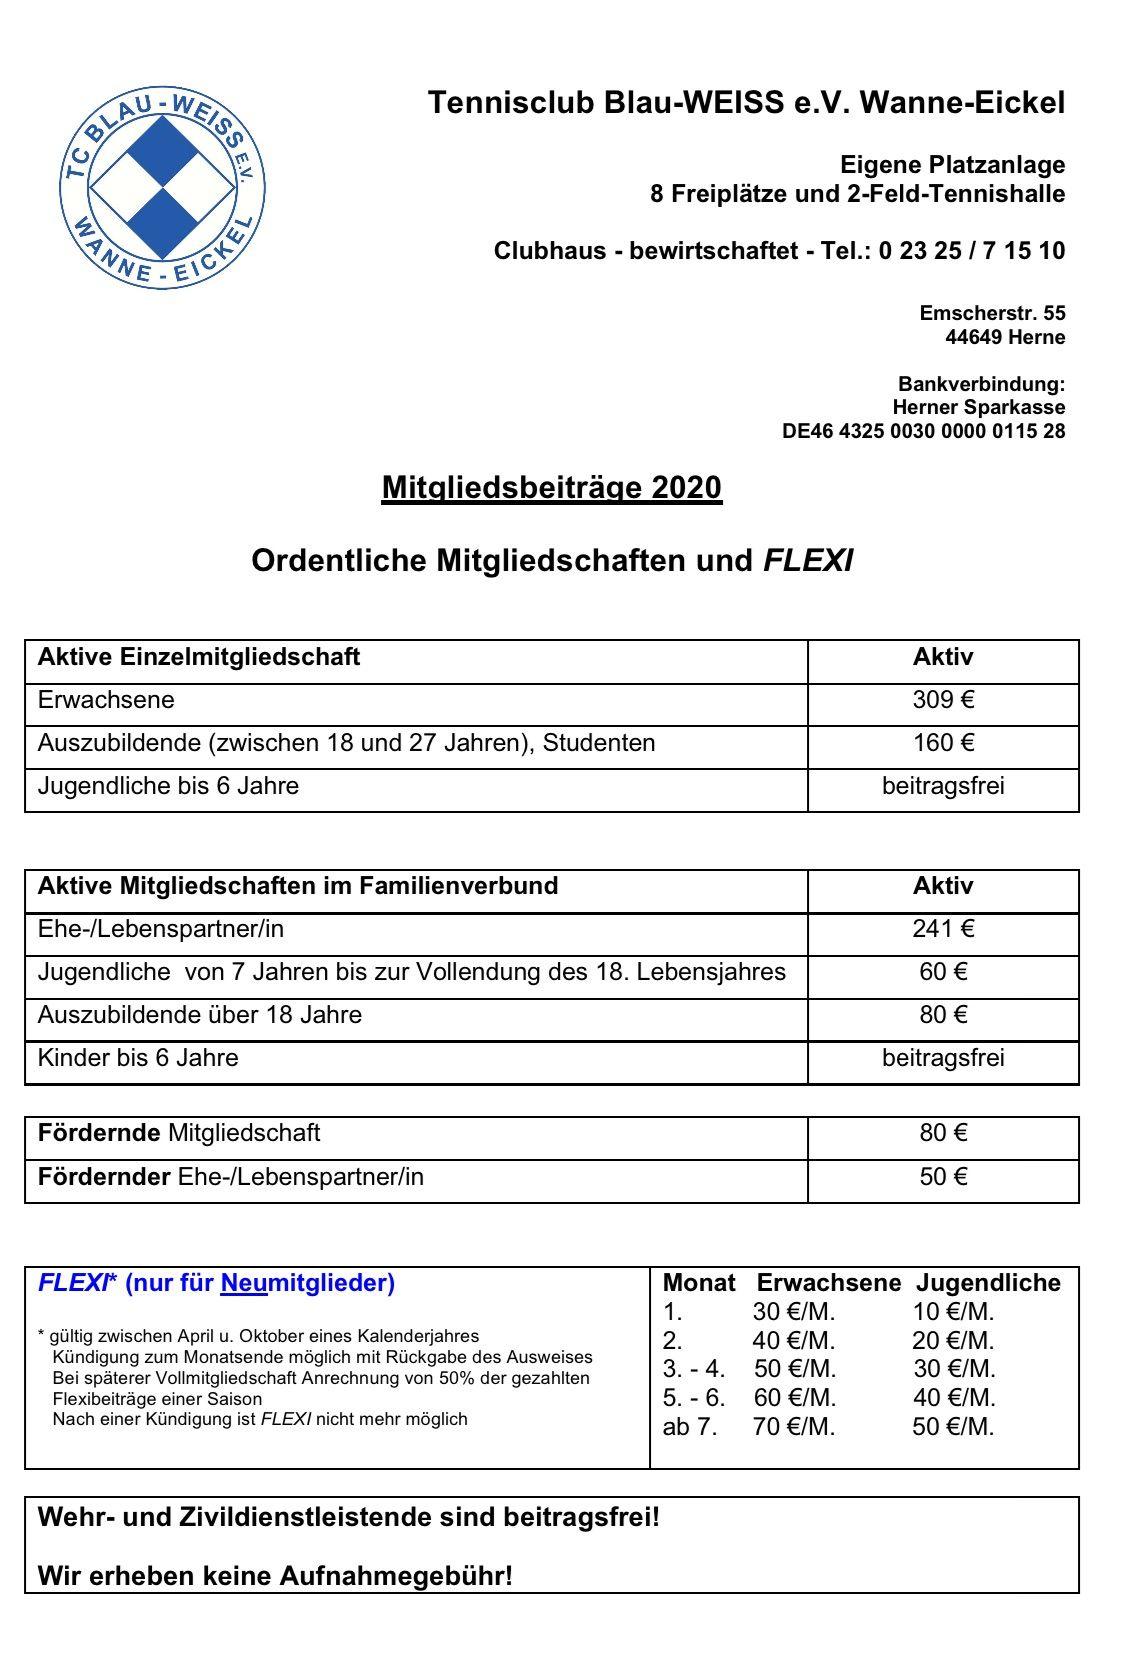 Mitglied werden beim TC Blau-Weiß Wanne-Eickel